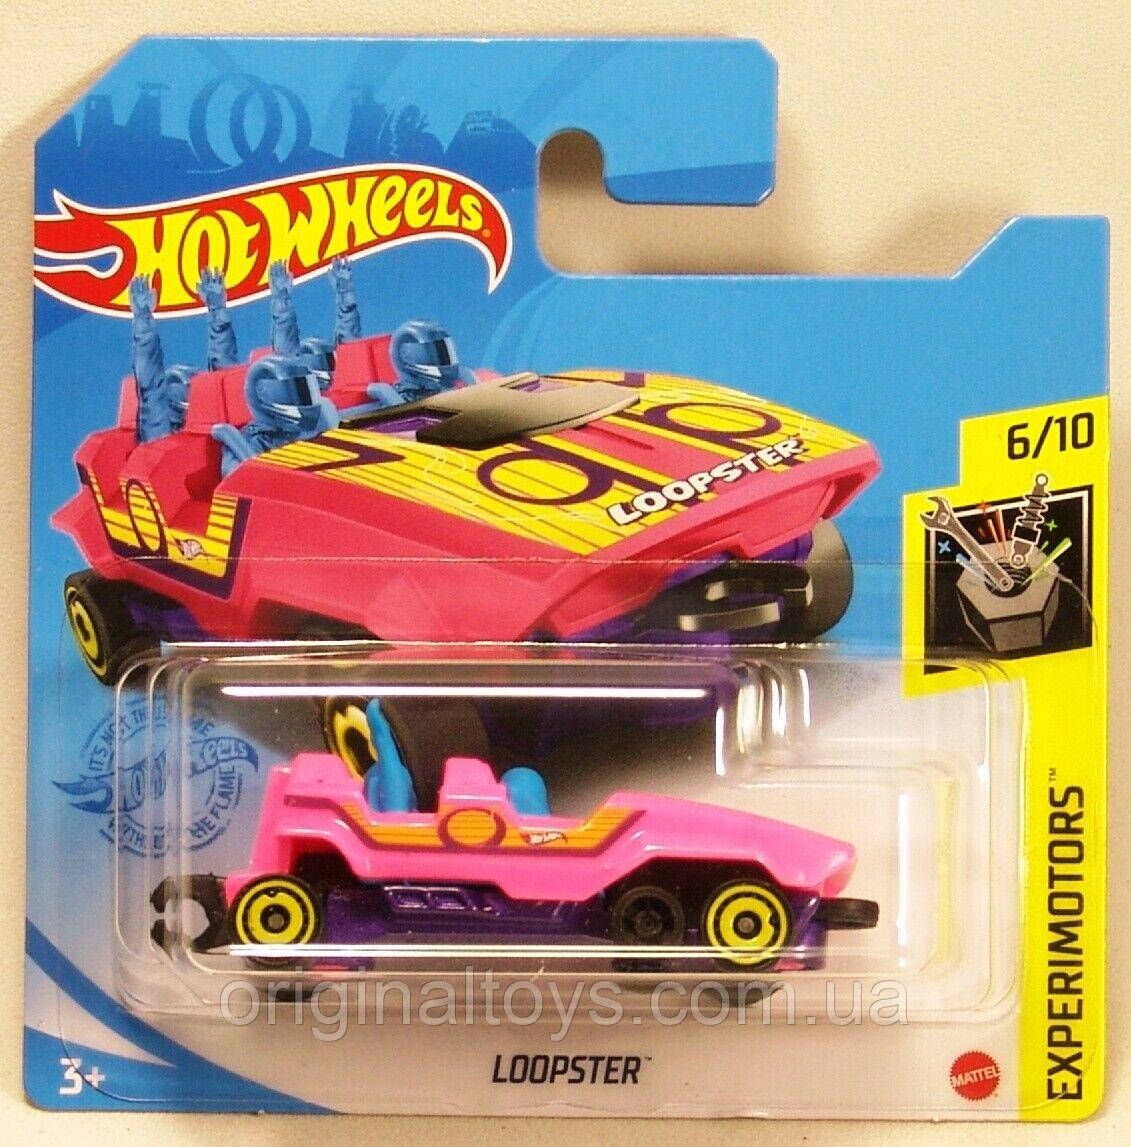 Базовая машинка Hot Wheels Loopster